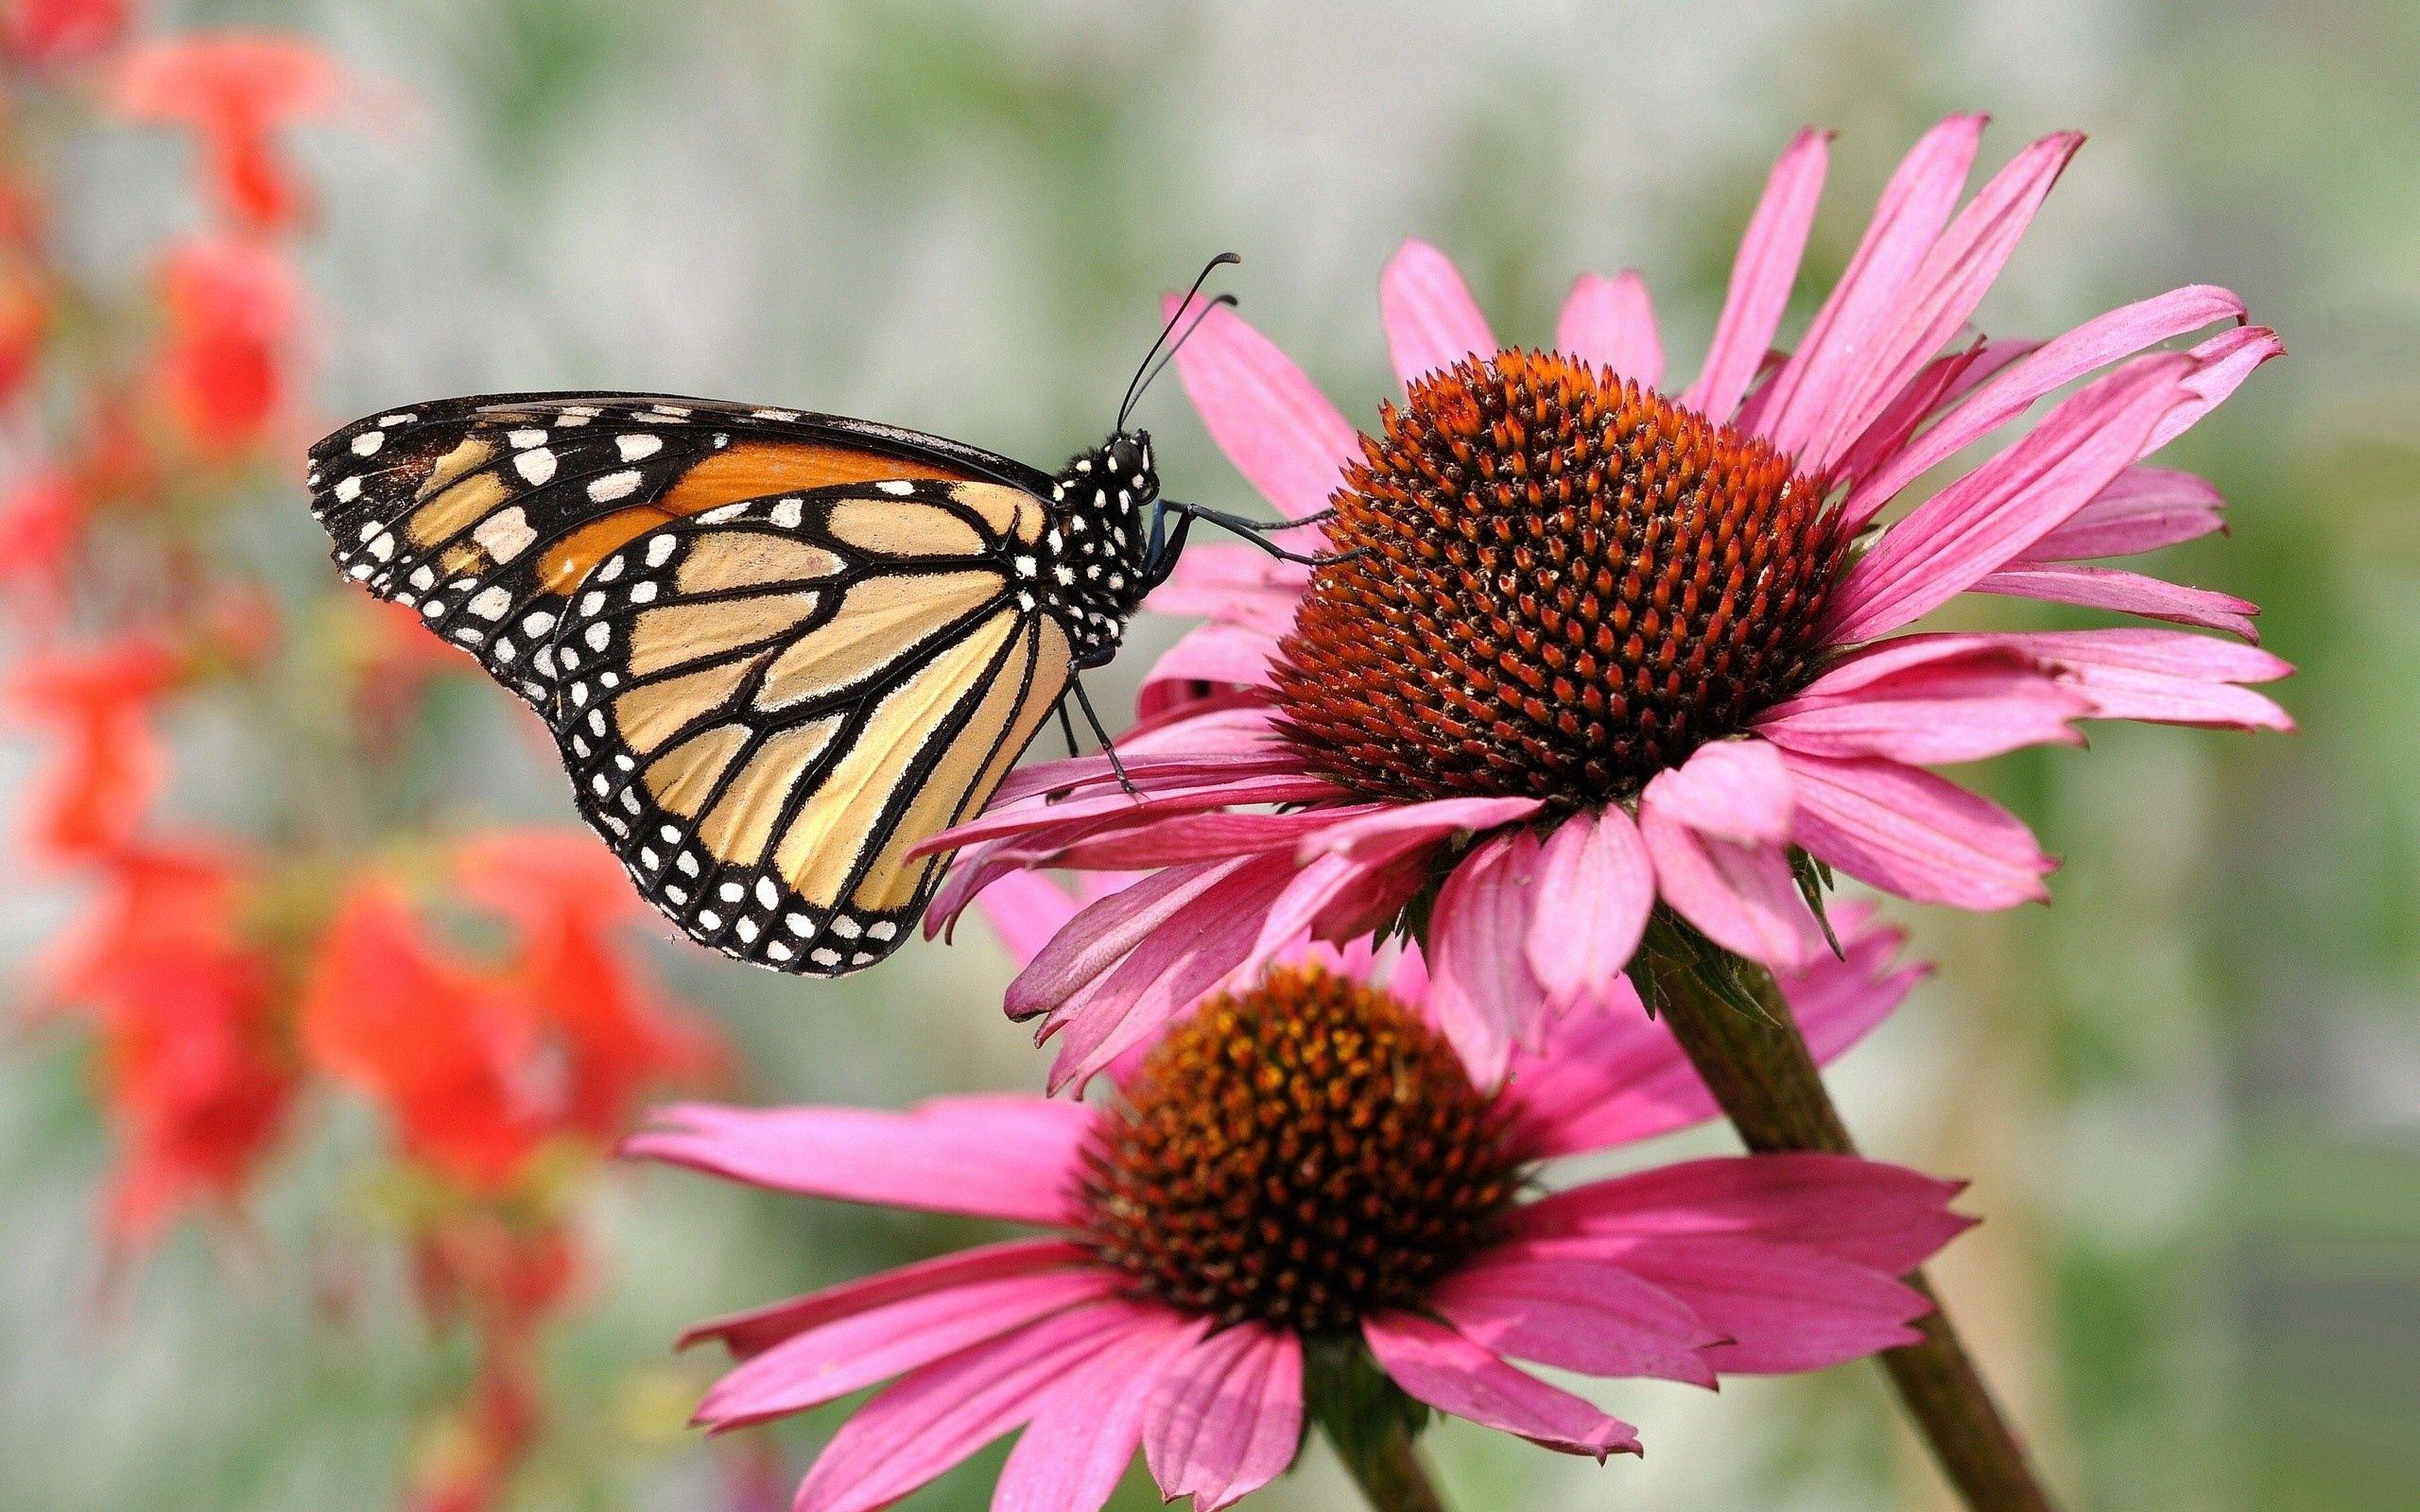 82629 Hintergrundbild 720x1280 kostenlos auf deinem Handy, lade Bilder Blume, Makro, Blütenblätter, Schmetterling 720x1280 auf dein Handy herunter